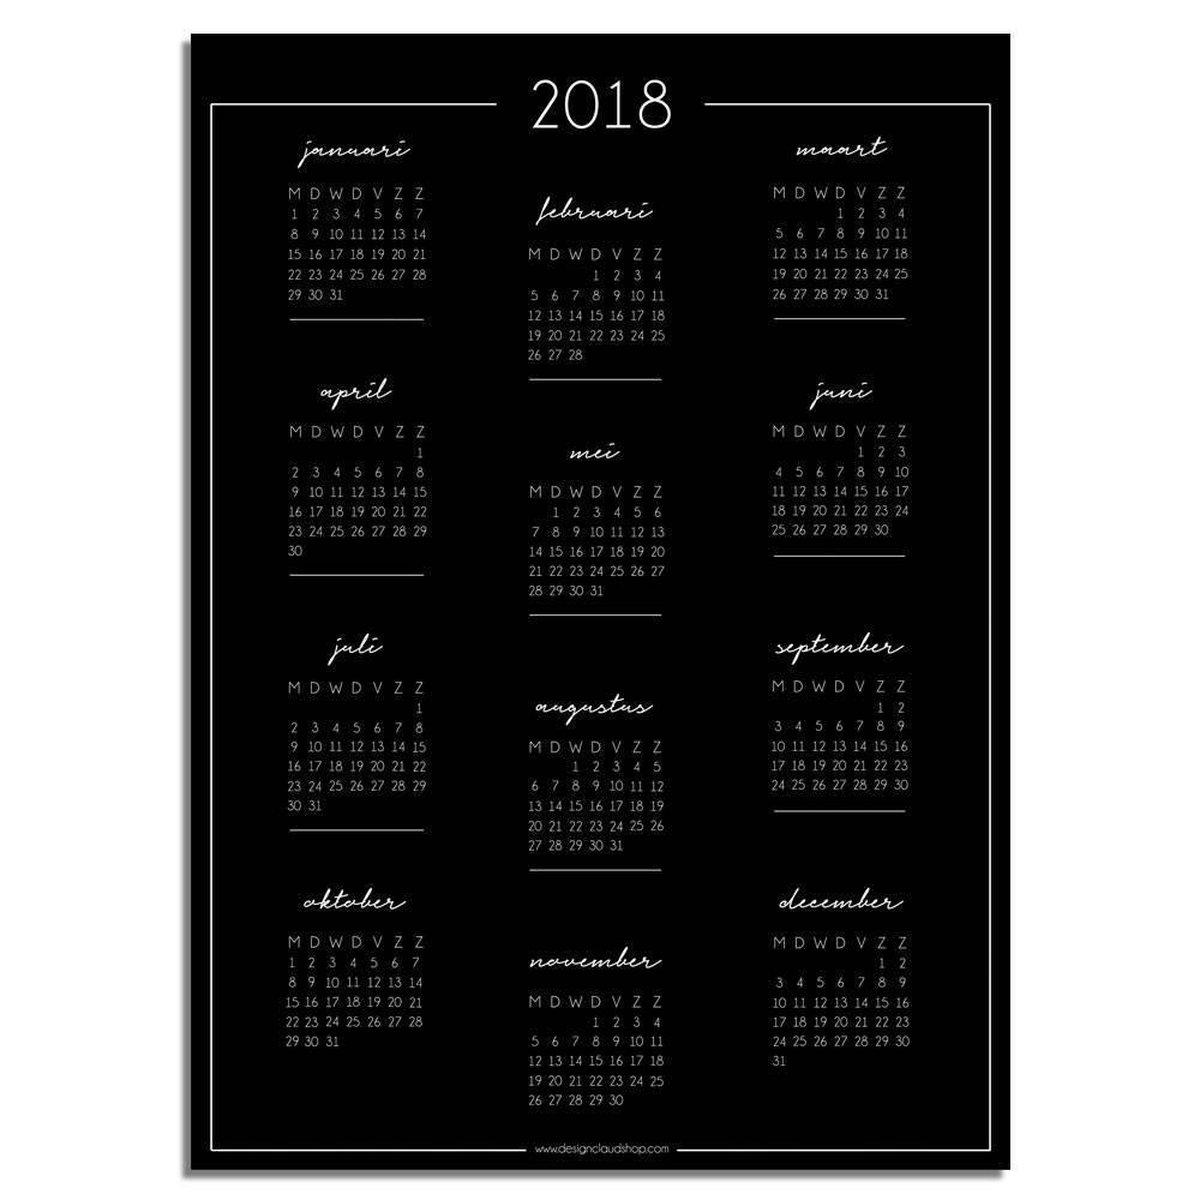 201 5 kalender Calendar 2015